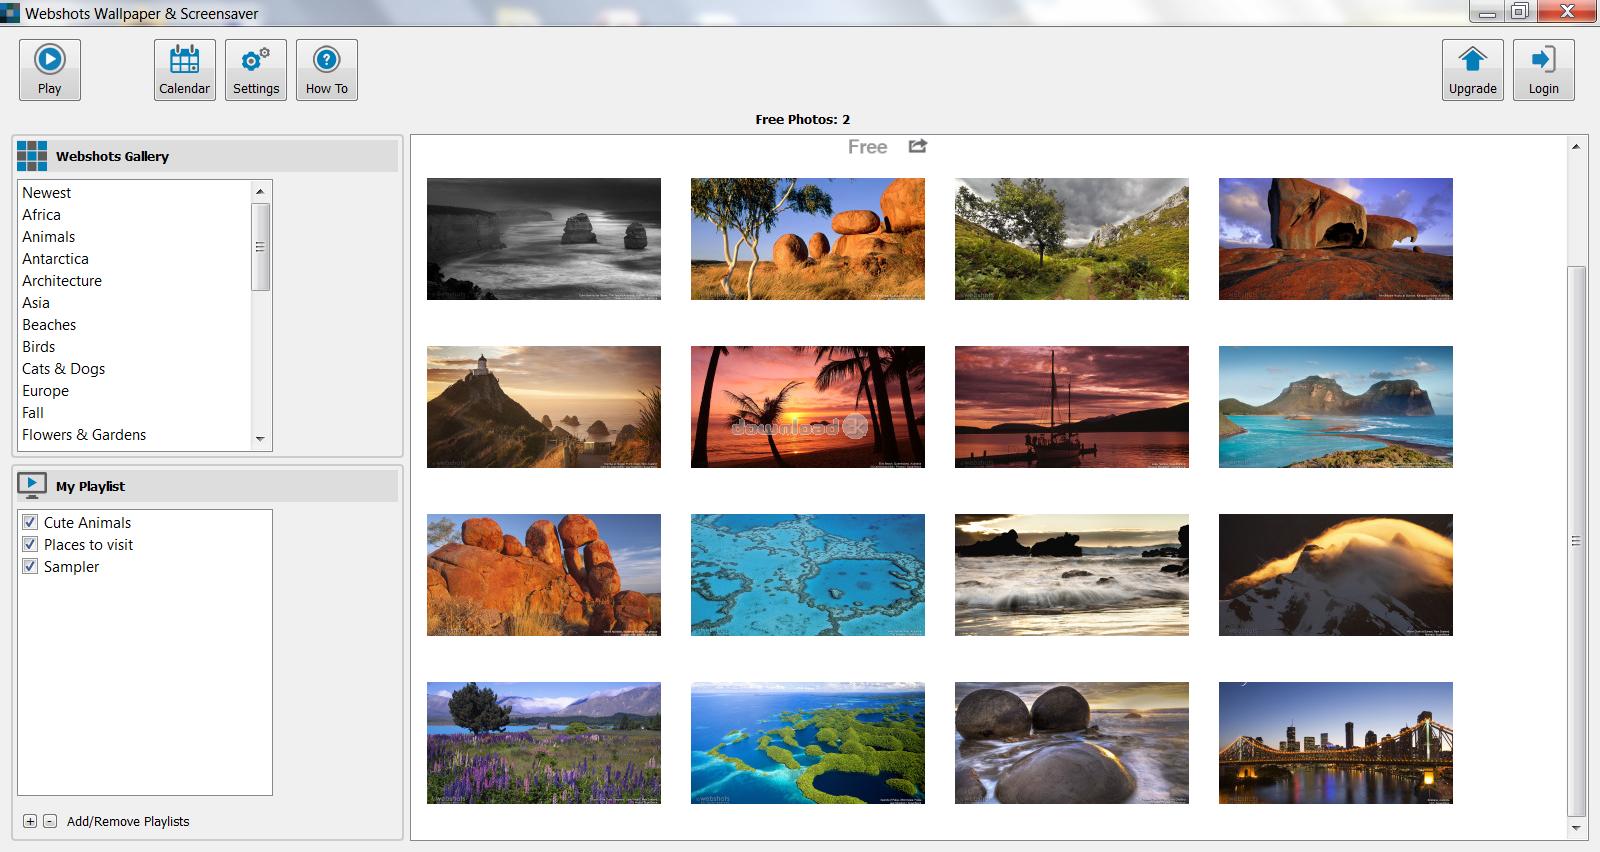 download webshots desktop 3.0